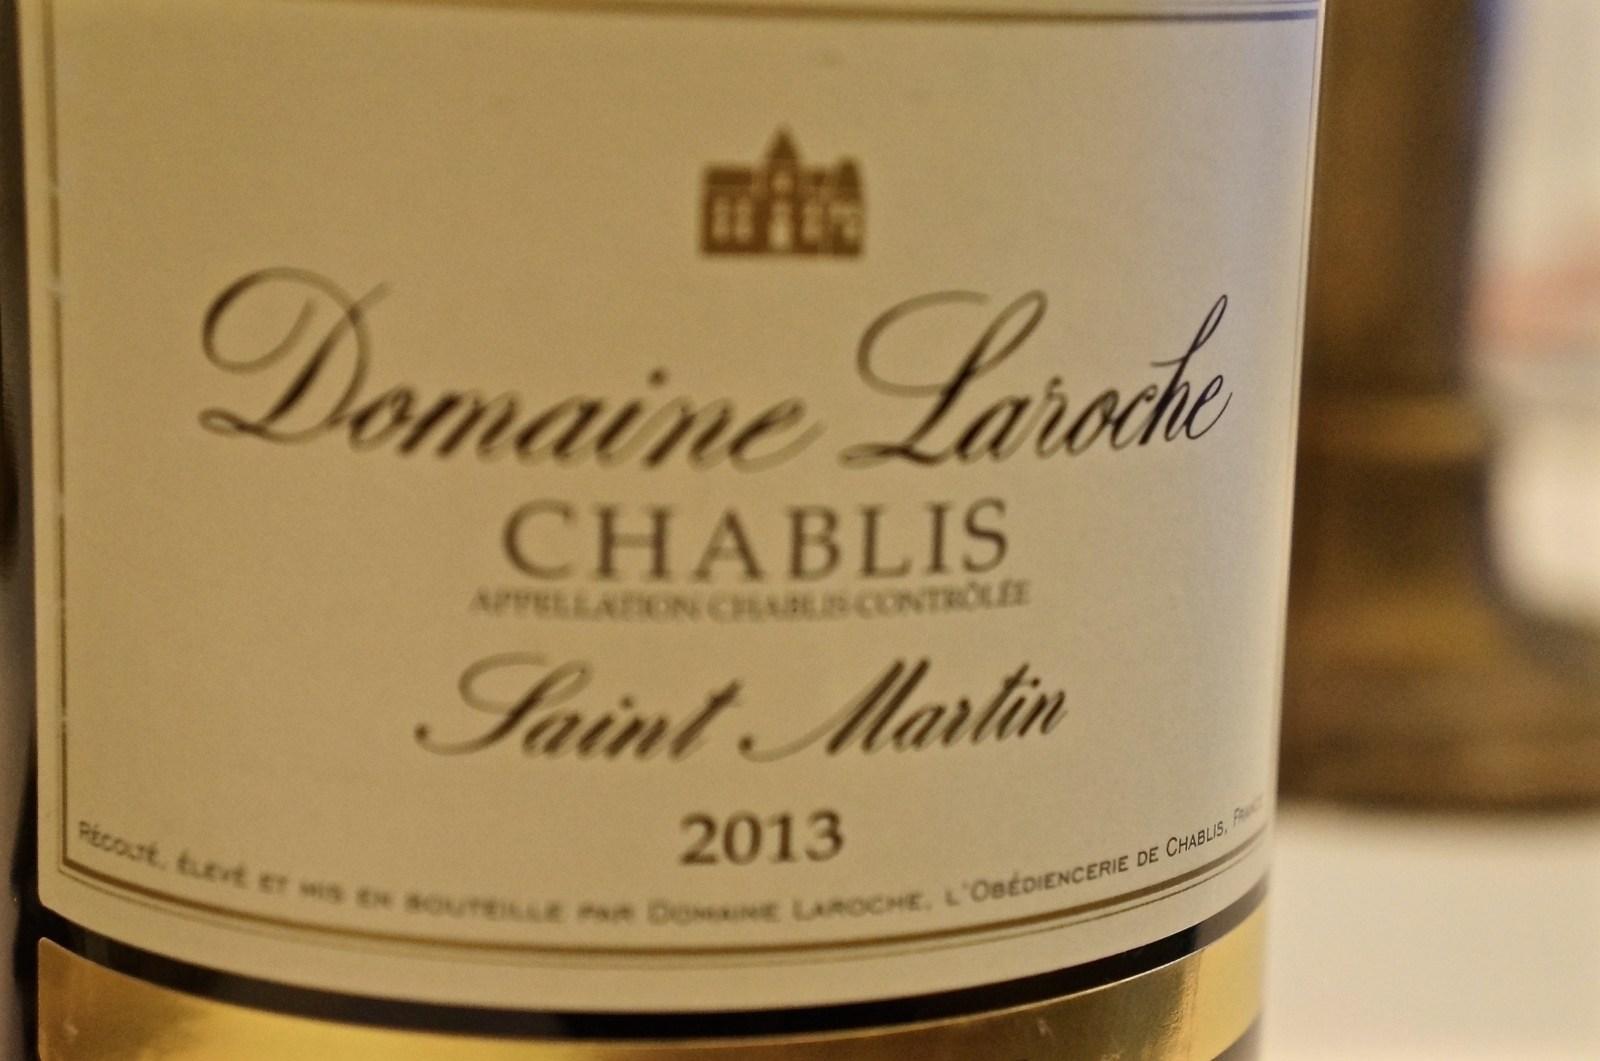 dazu: Chablis Saint-Martin Domaine Laroche 2013